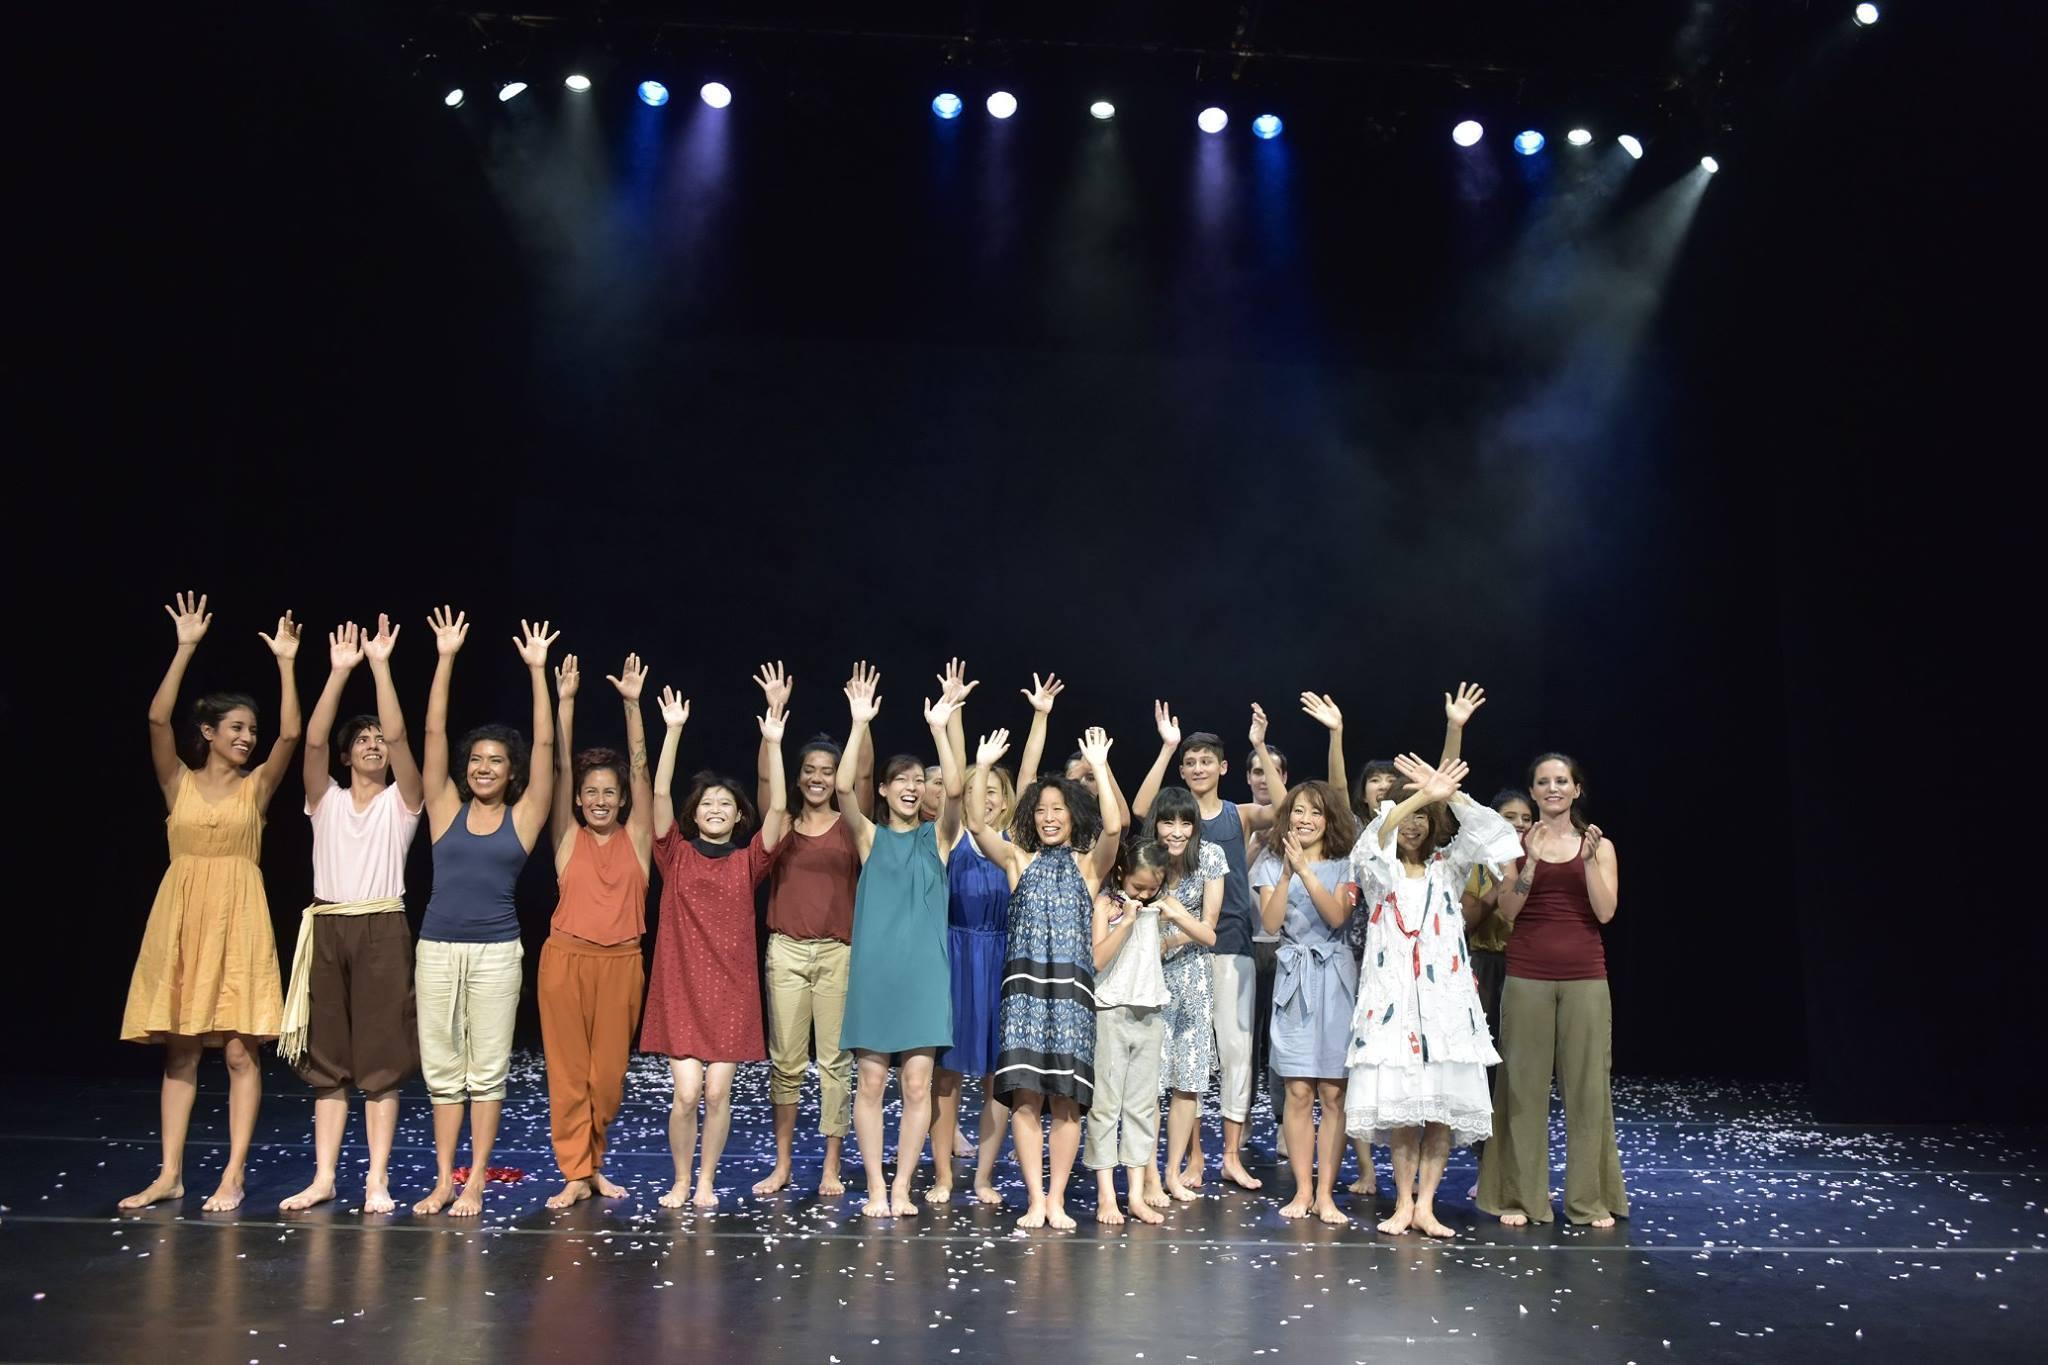 メキシコ公演を終えたマドモアゼル・シネマの一行が凱旋帰国_d0178431_20071048.jpg